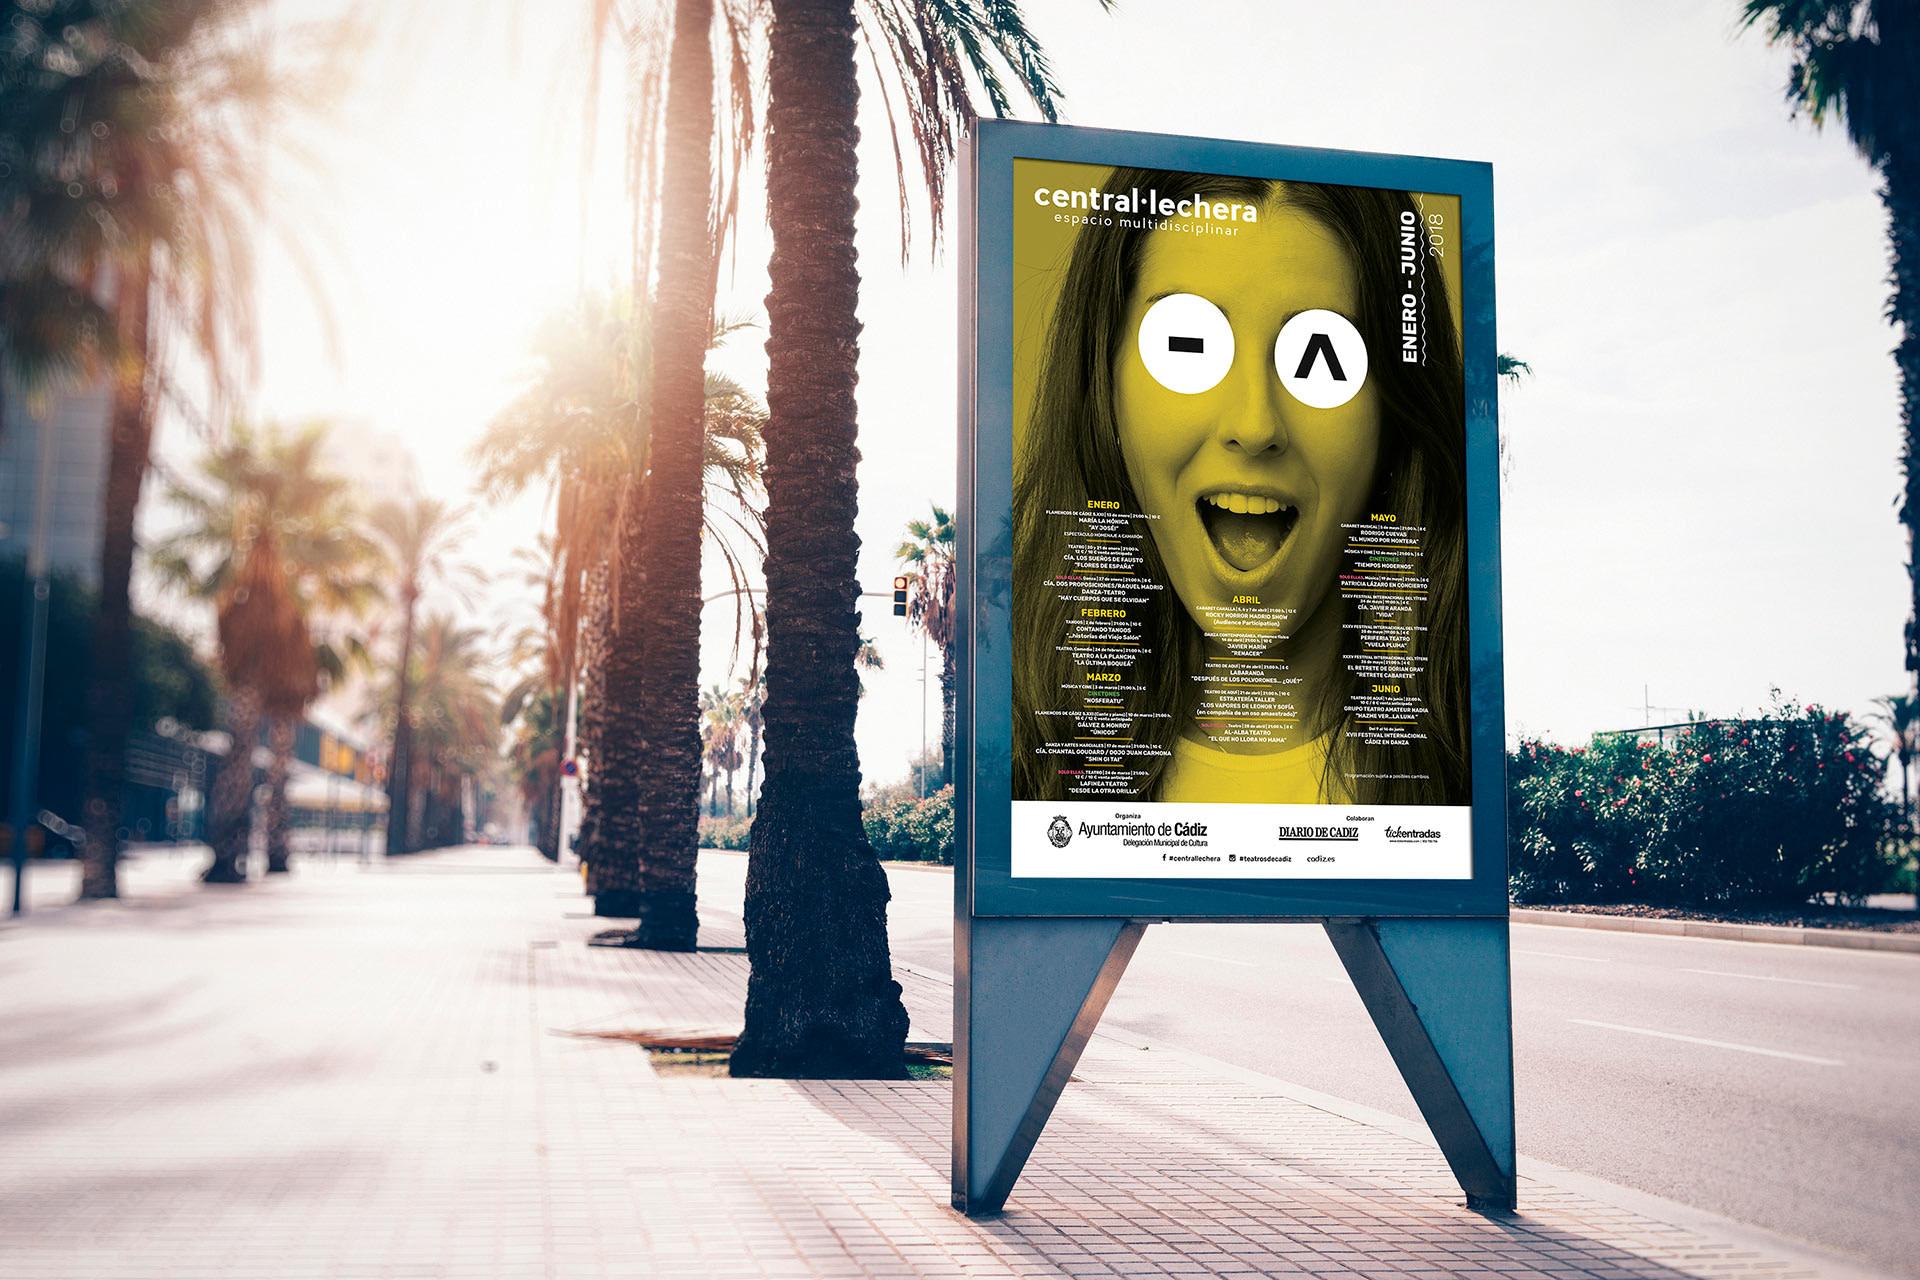 Mupi -Campaña de publicidad - Sala Central Lechera (Enero - Junio 2018)